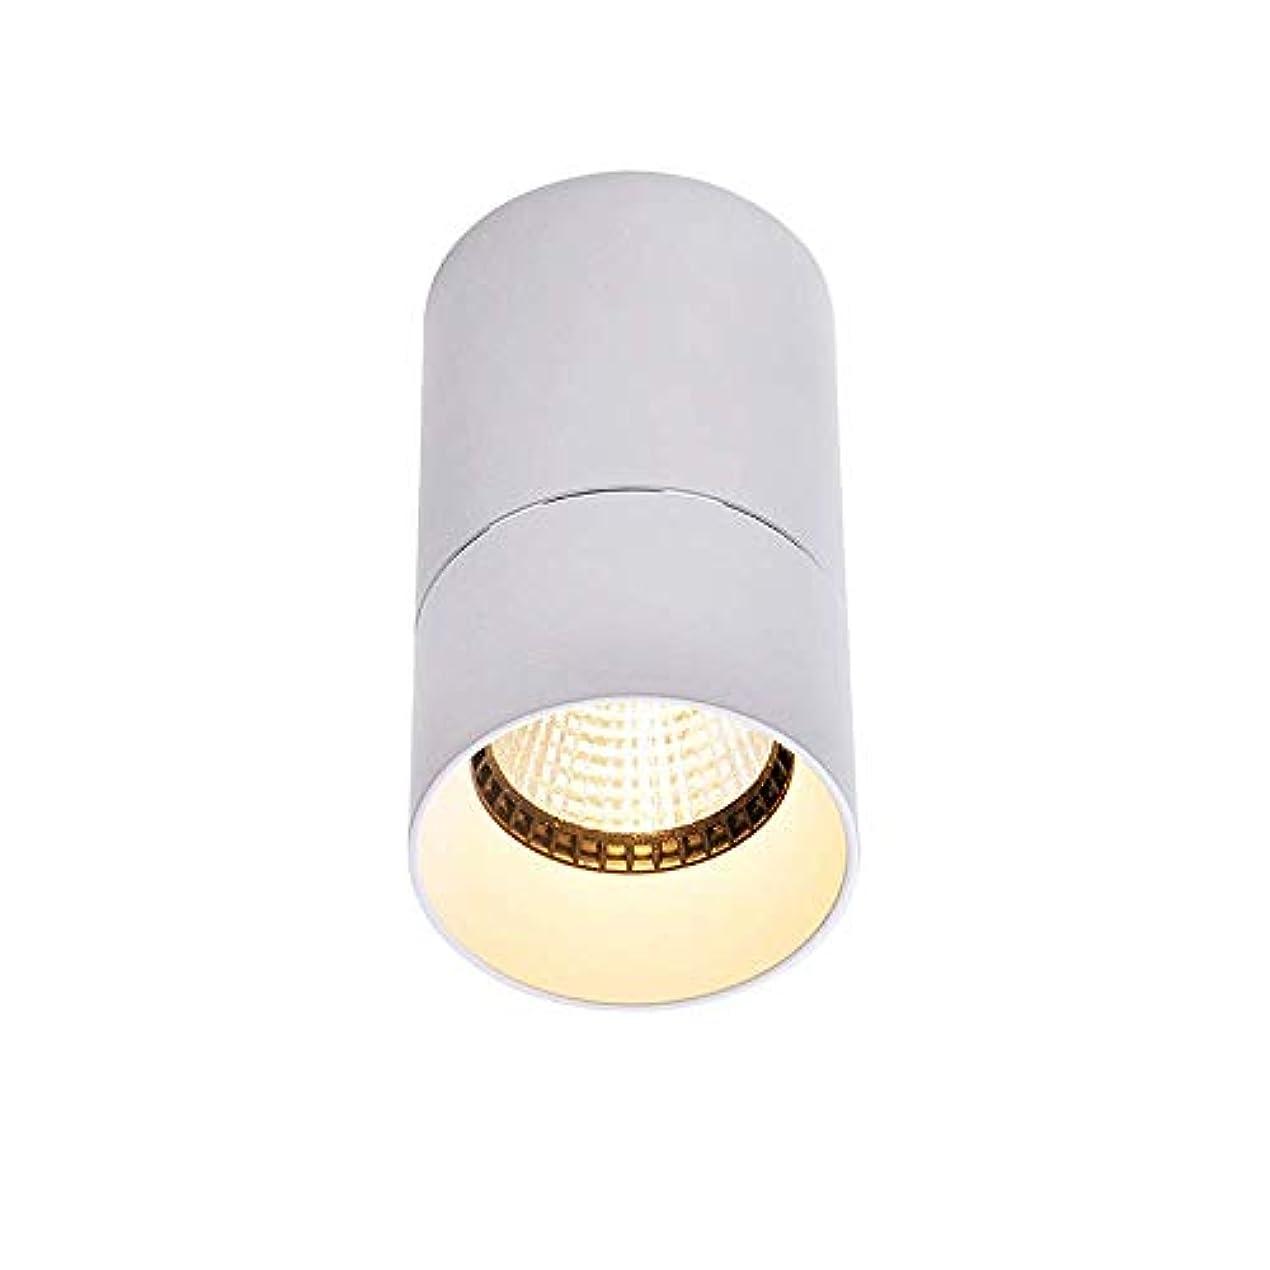 傑出した学習悲観主義者8W Ledマウントスポットライトダウンライト装飾照明屋内ハイライトLed天井パネルライト照明COBダウンライト